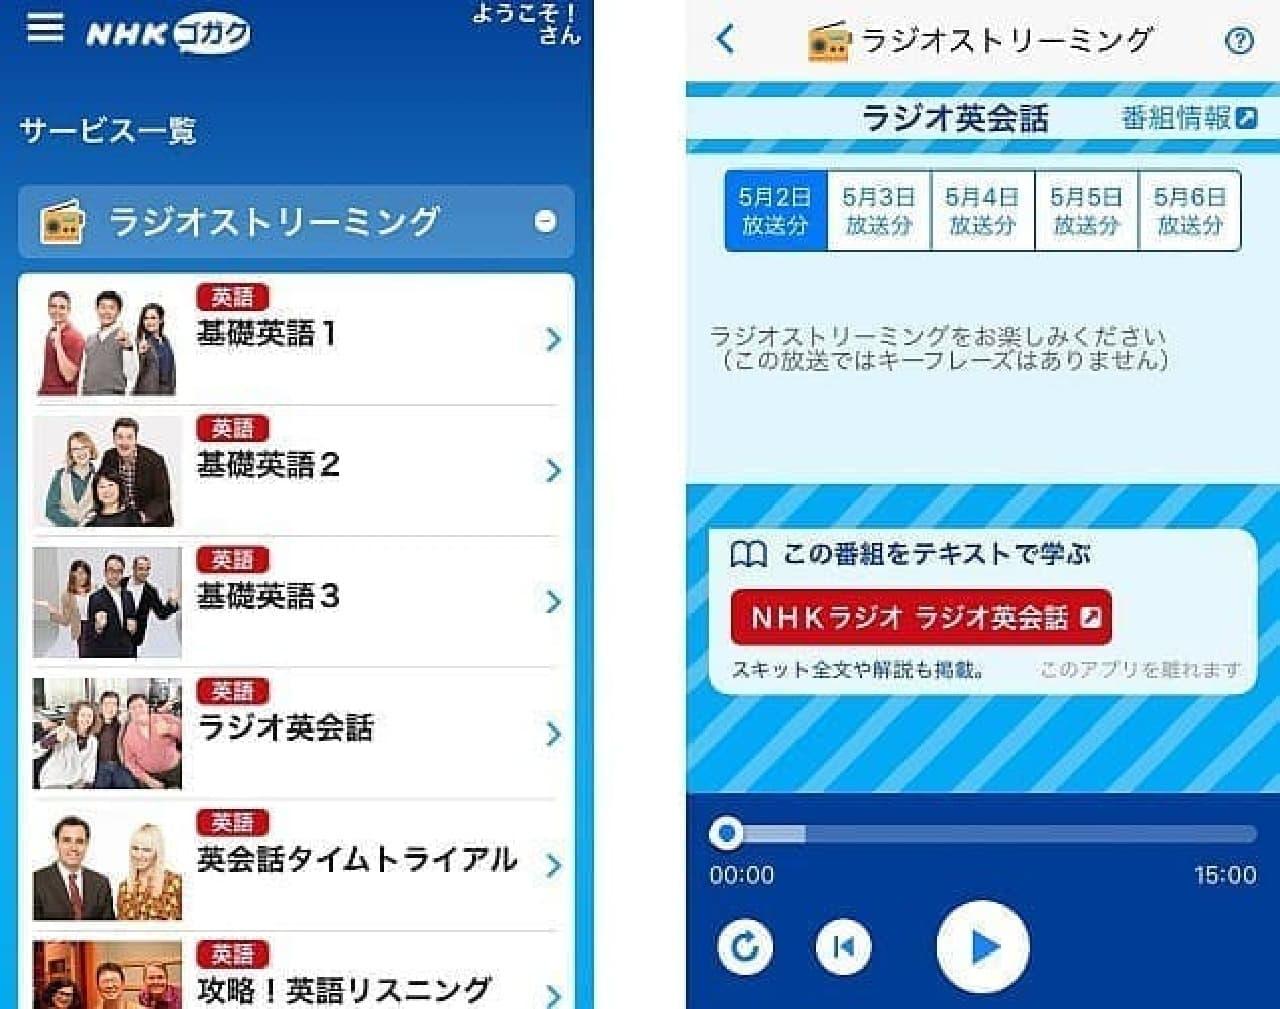 nhk ラジオ 英会話 アプリ